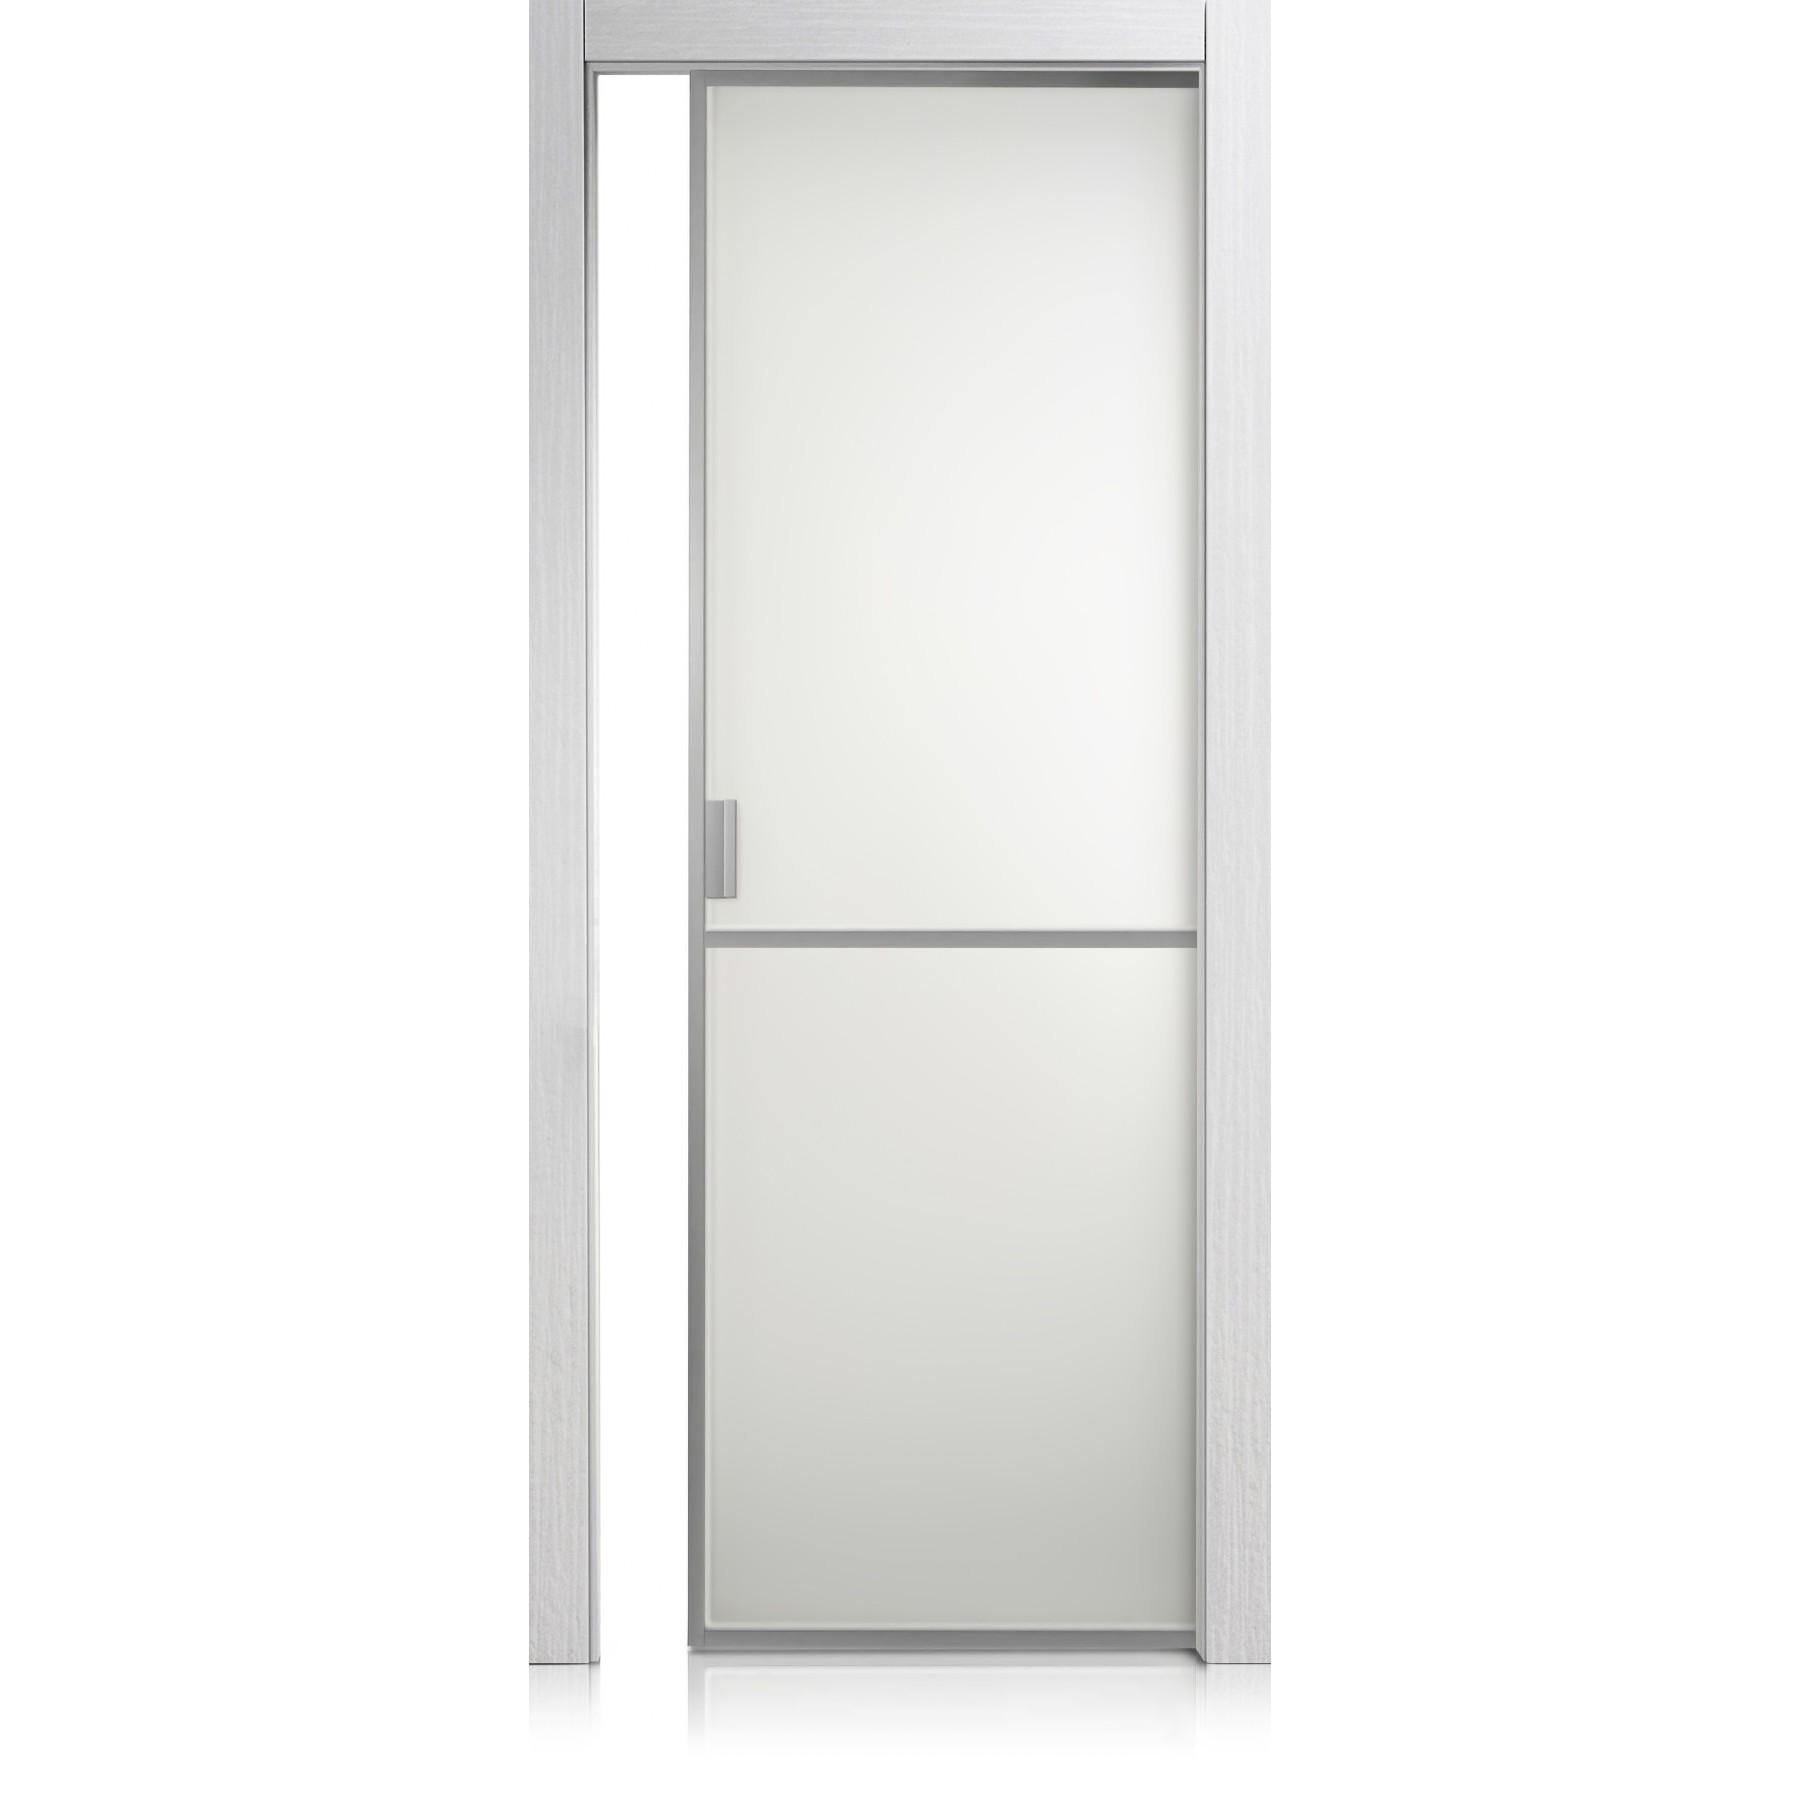 Cristal Frame / 1 materic bianco door